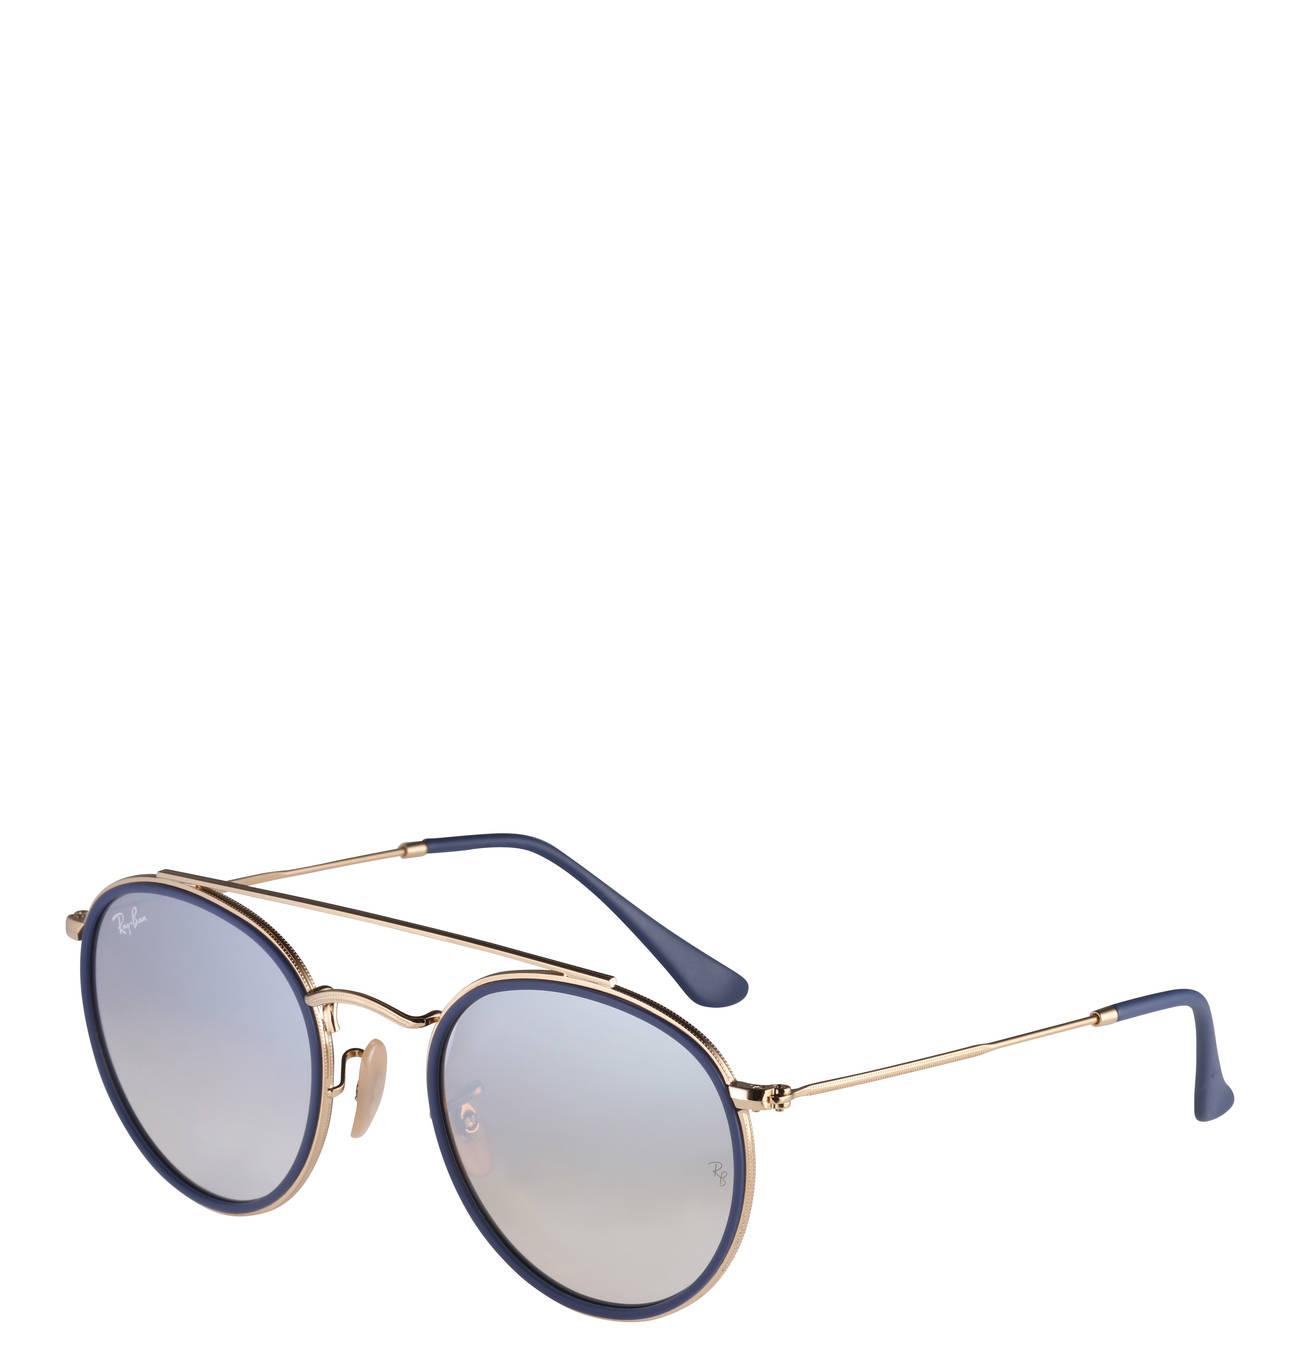 RAY BAN Ersatz Backen Paar für Brille Sonnenbrille